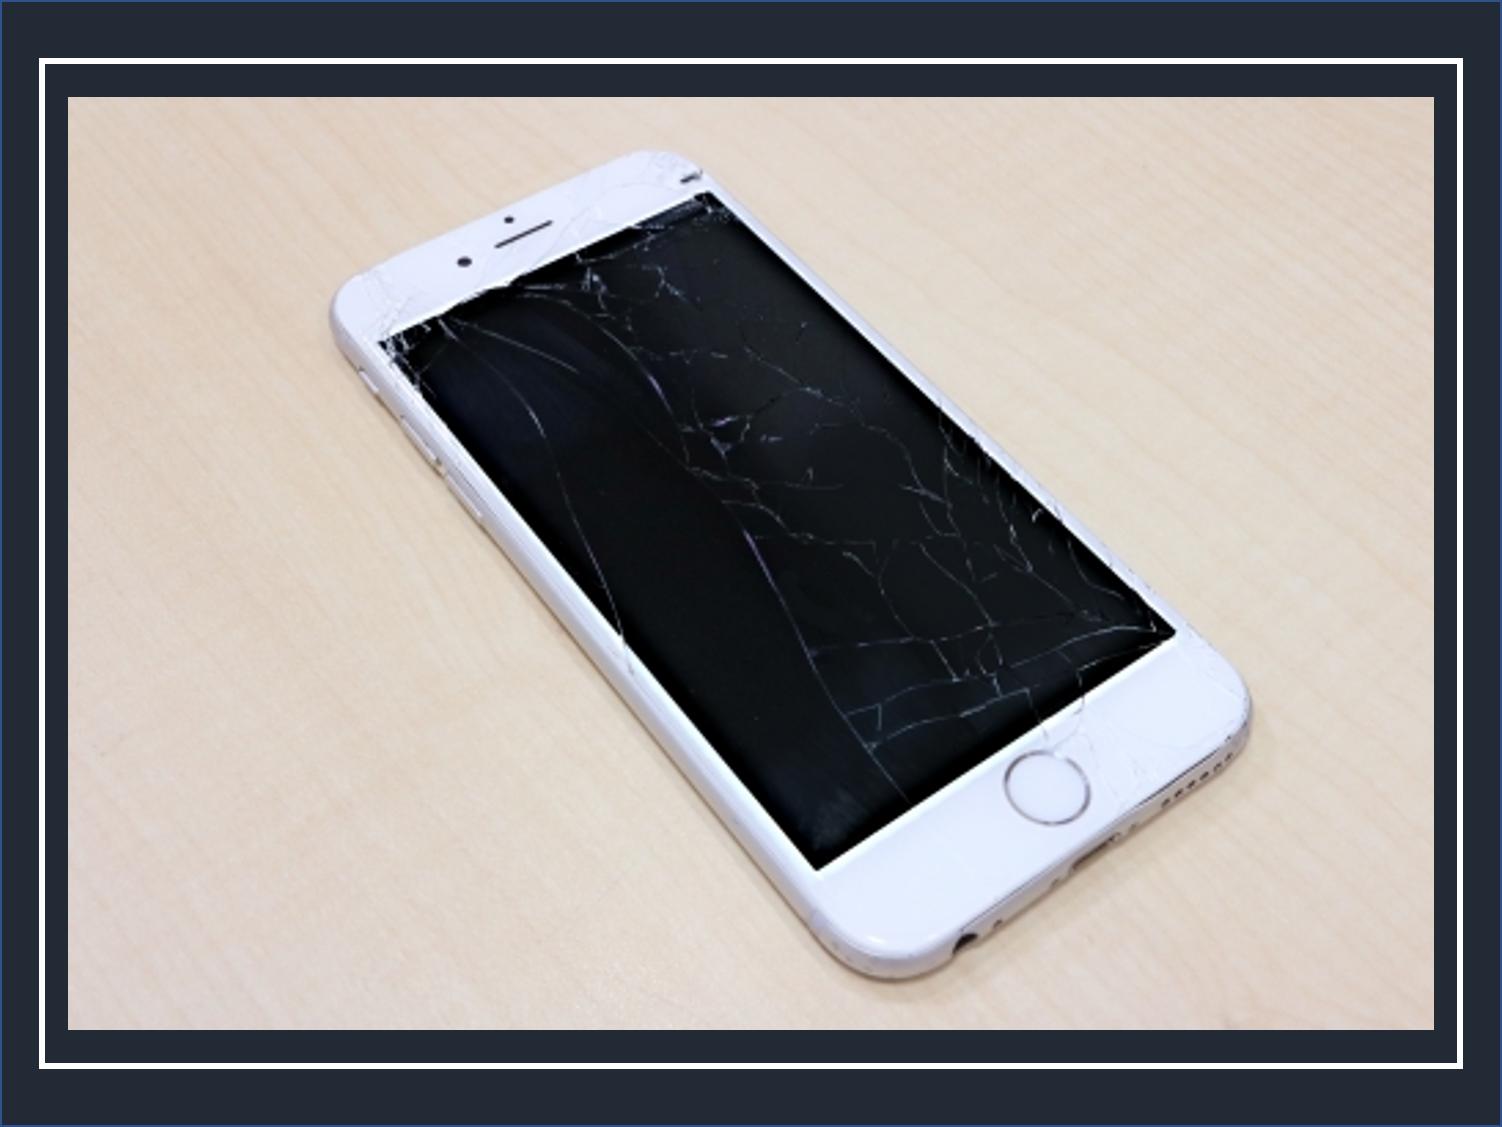 画面が割れたiPhoneを修理せずに放置するリスクを徹底解説